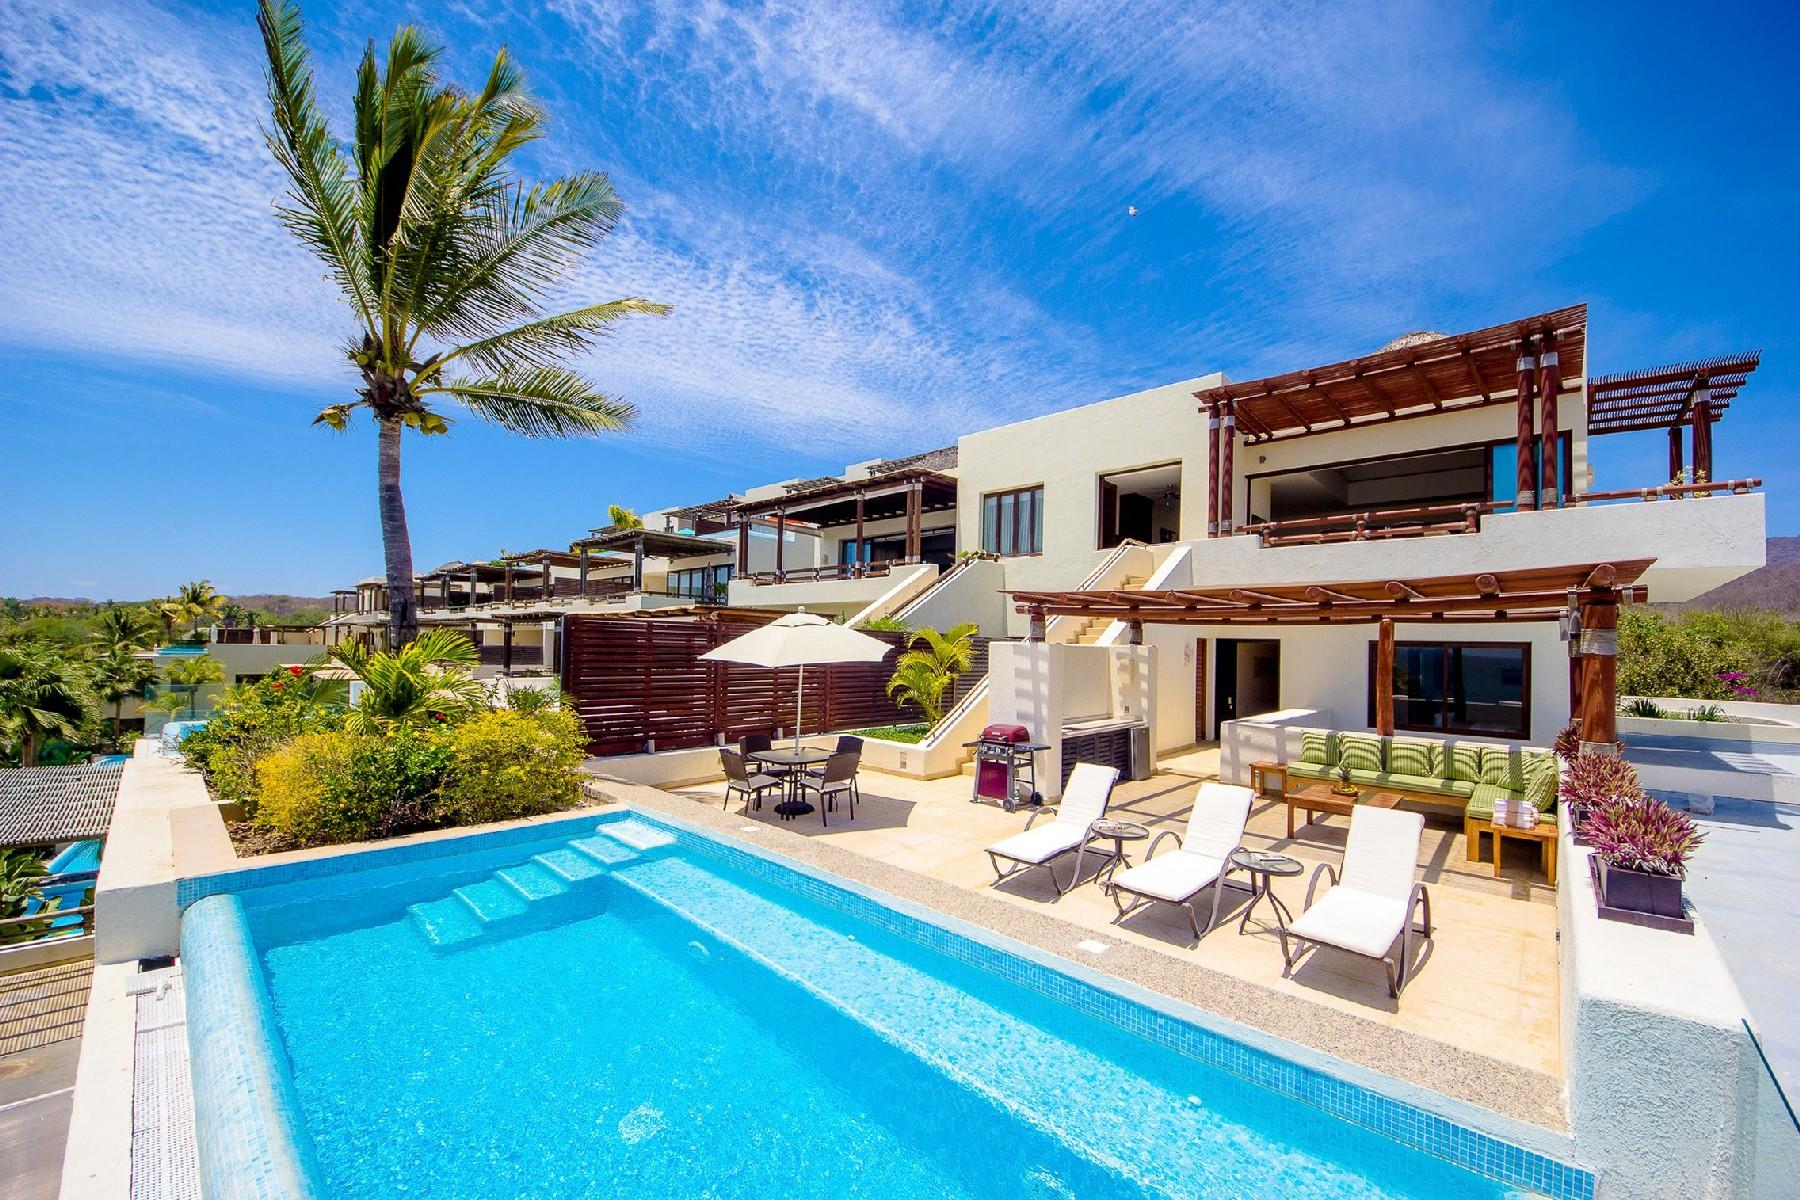 Additional photo for property listing at Los Veneros PH409 Pacífico Punta Mita Carretera a Punta Mita KM 8.3 Other Nayarit, Nayarit 63734 Mexico